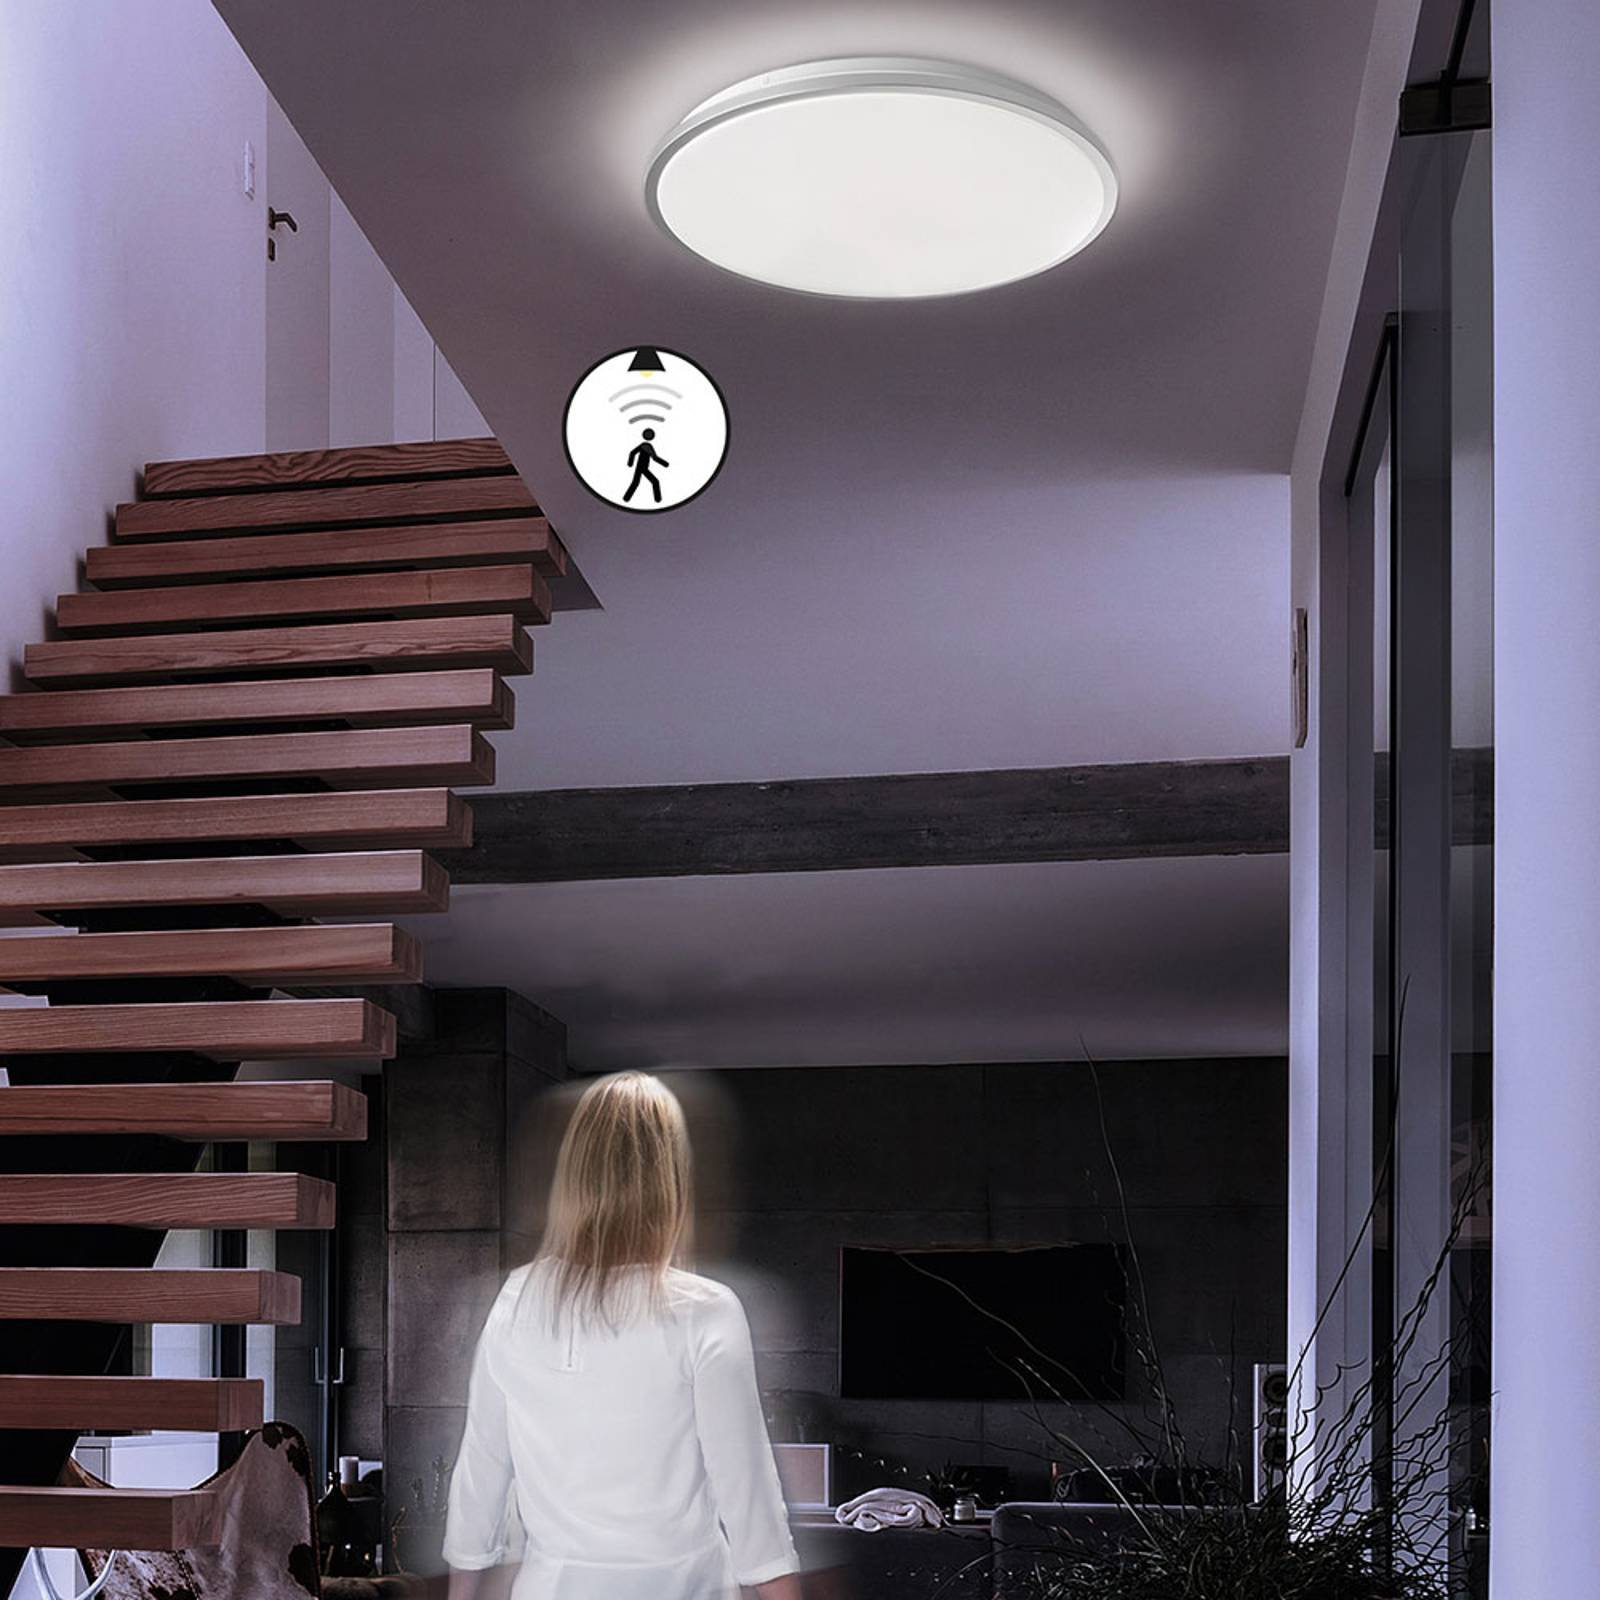 LED-taklampe Jaso BS, Ø 49 cm, sølv